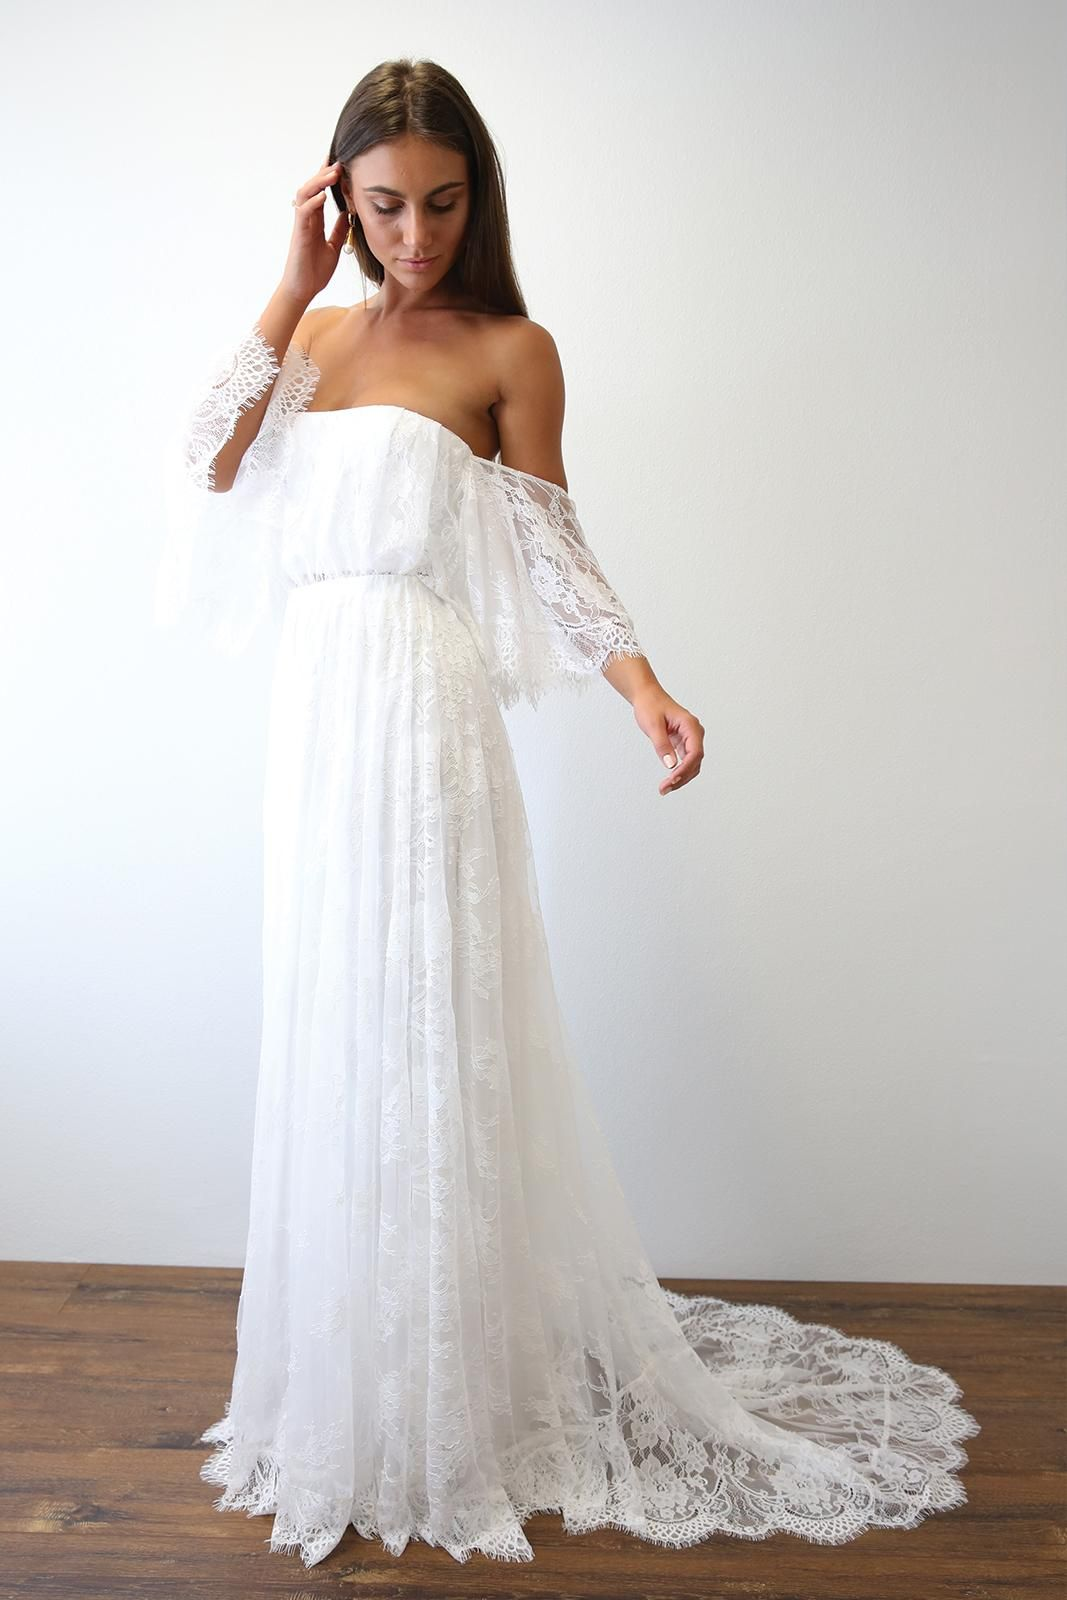 Pin von Maddy Bell auf Wedding | Pinterest | Hochzeitskleid ...